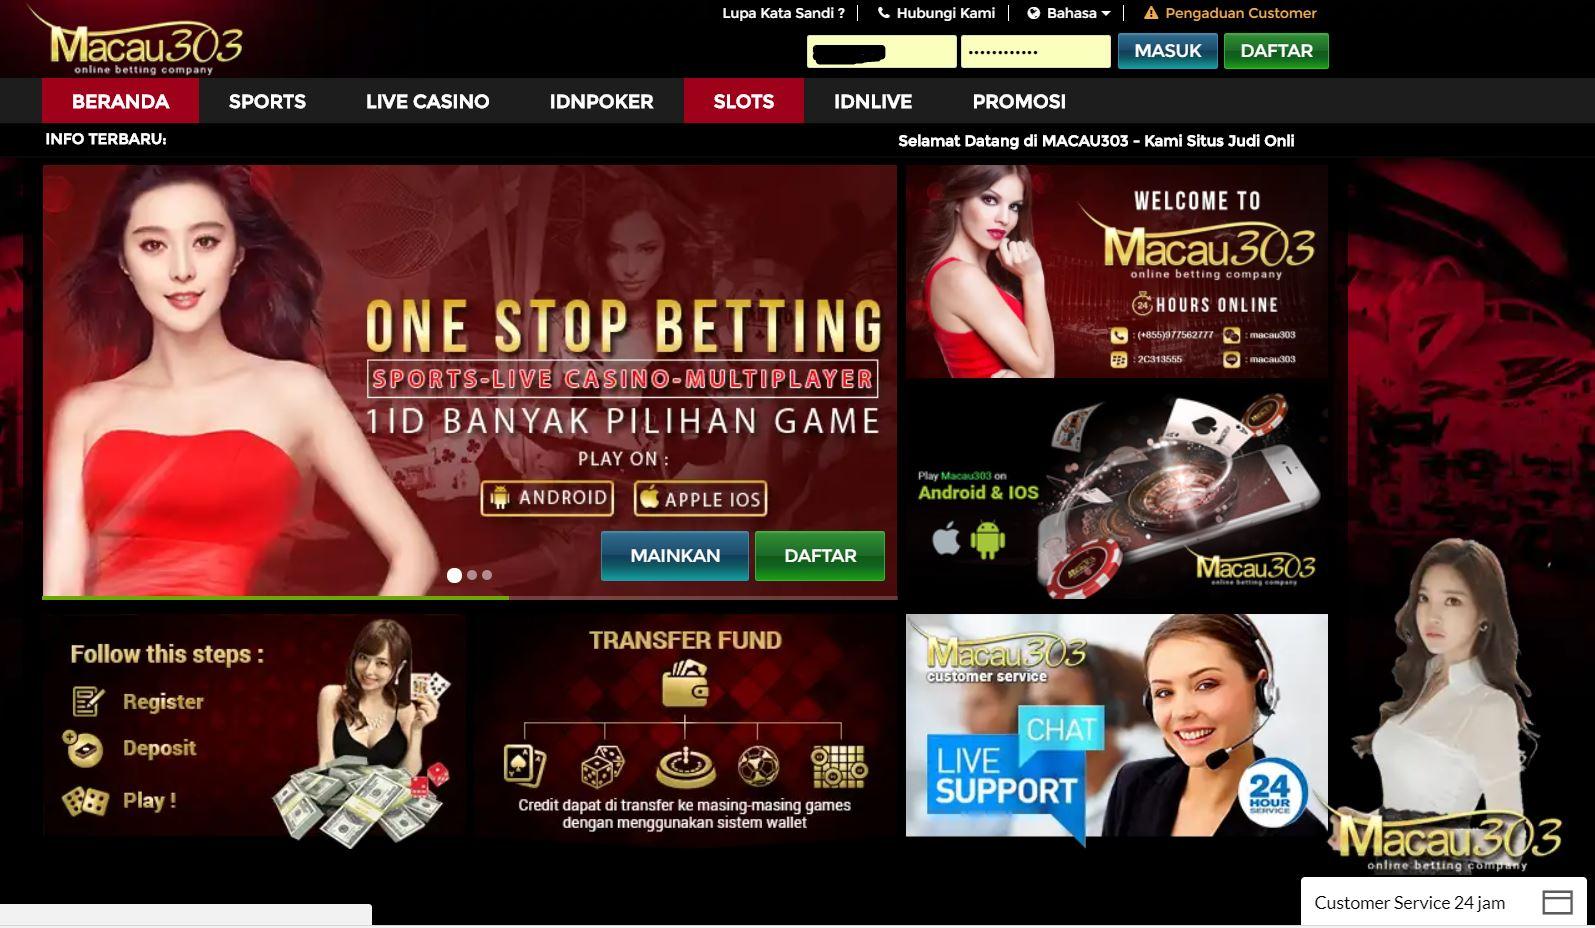 Tampilan Situs Utama Macau303